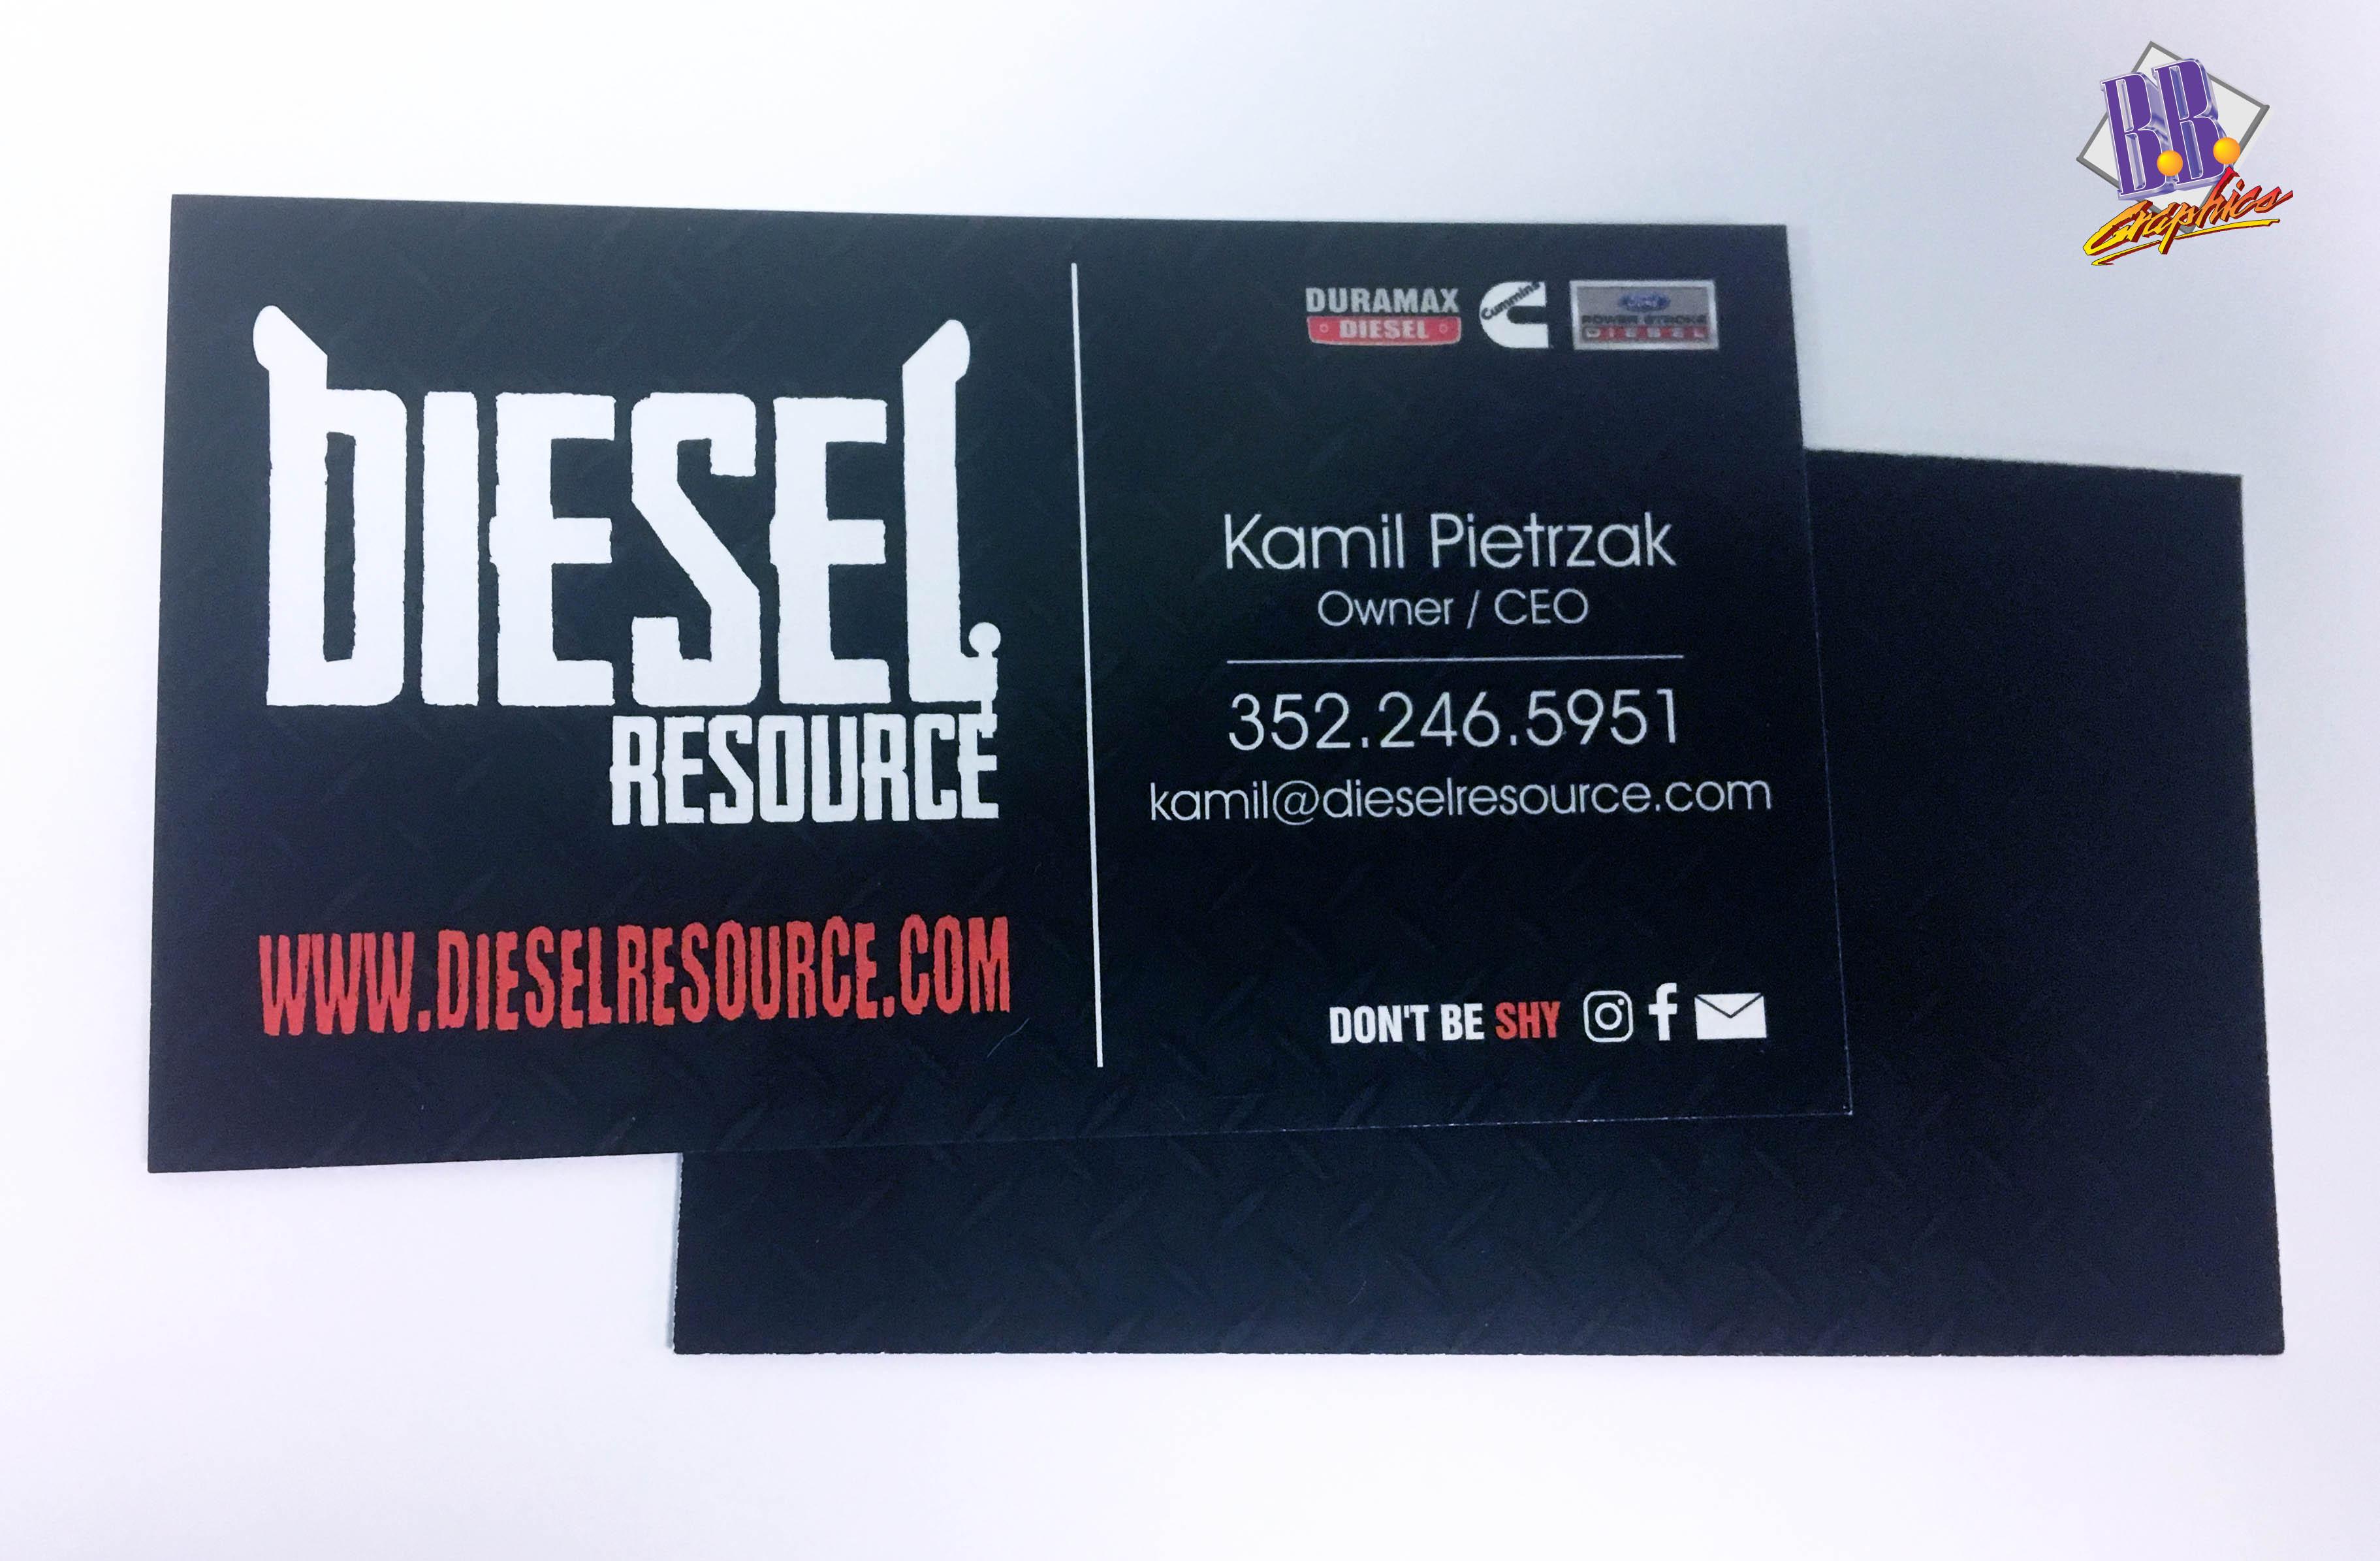 Resource of Diesel